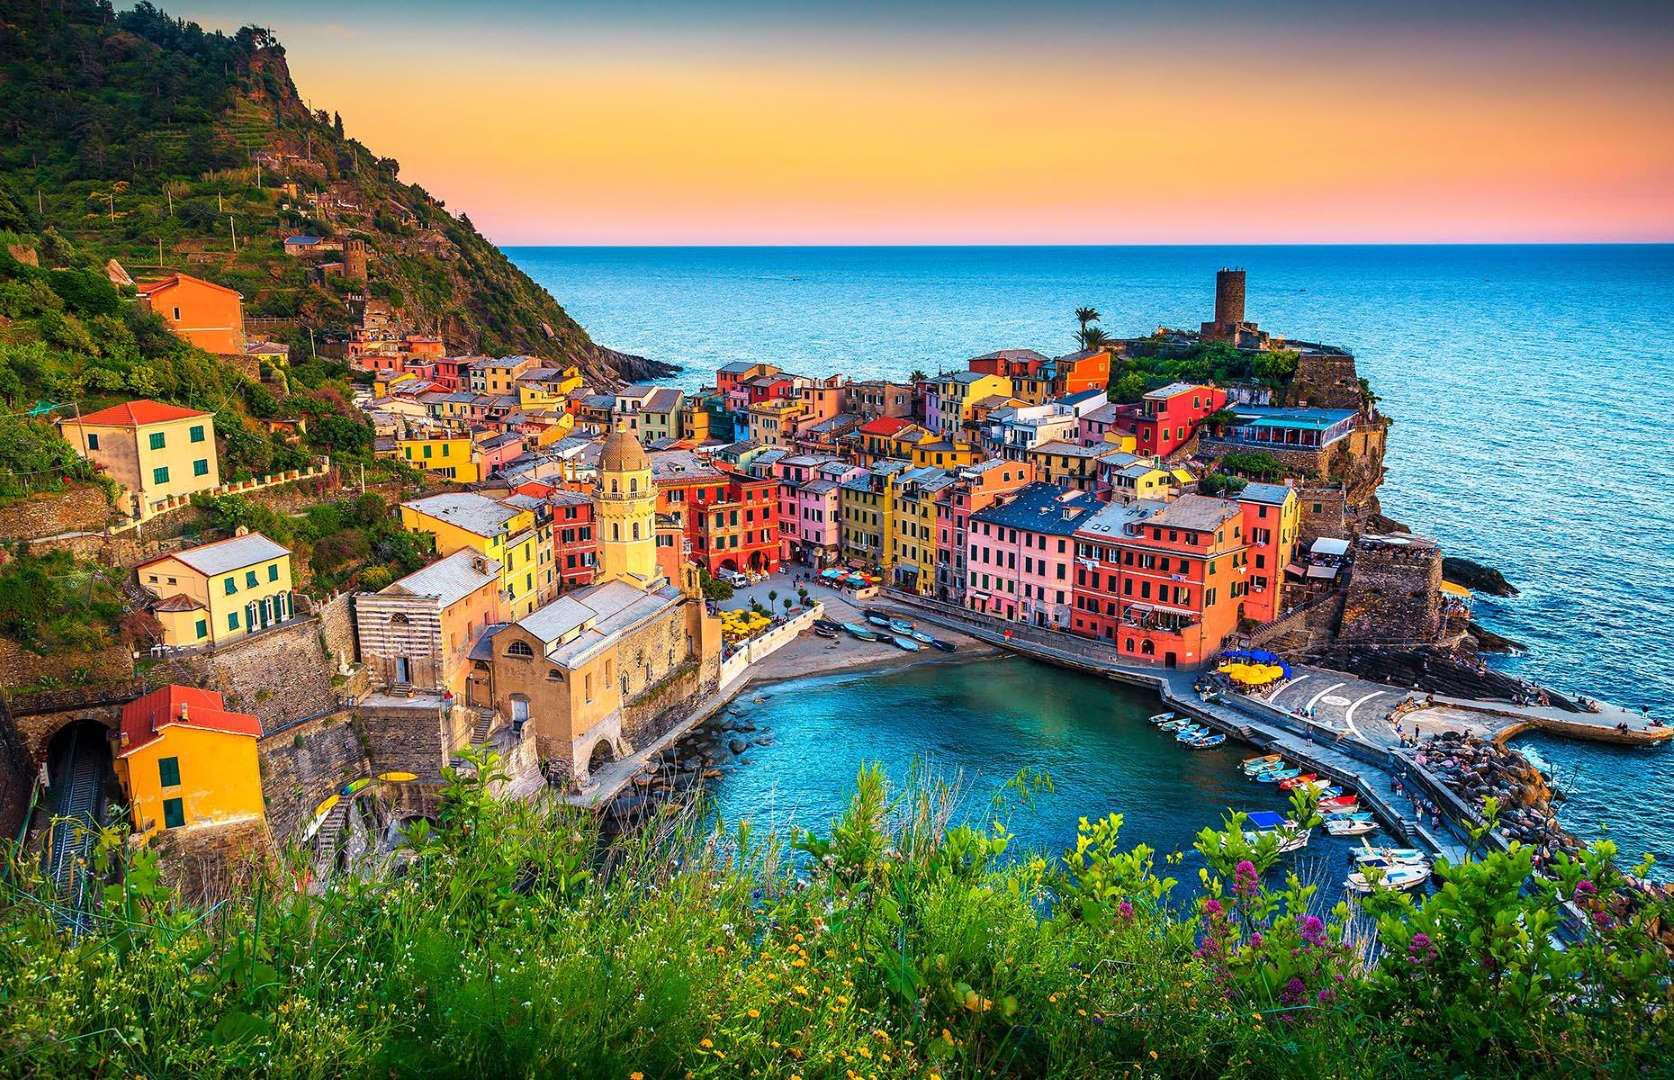 """""""Nâng tầm"""" tâm trạng với những địa điểm rực rỡ sắc màu nhất thế giới - Ảnh 4."""